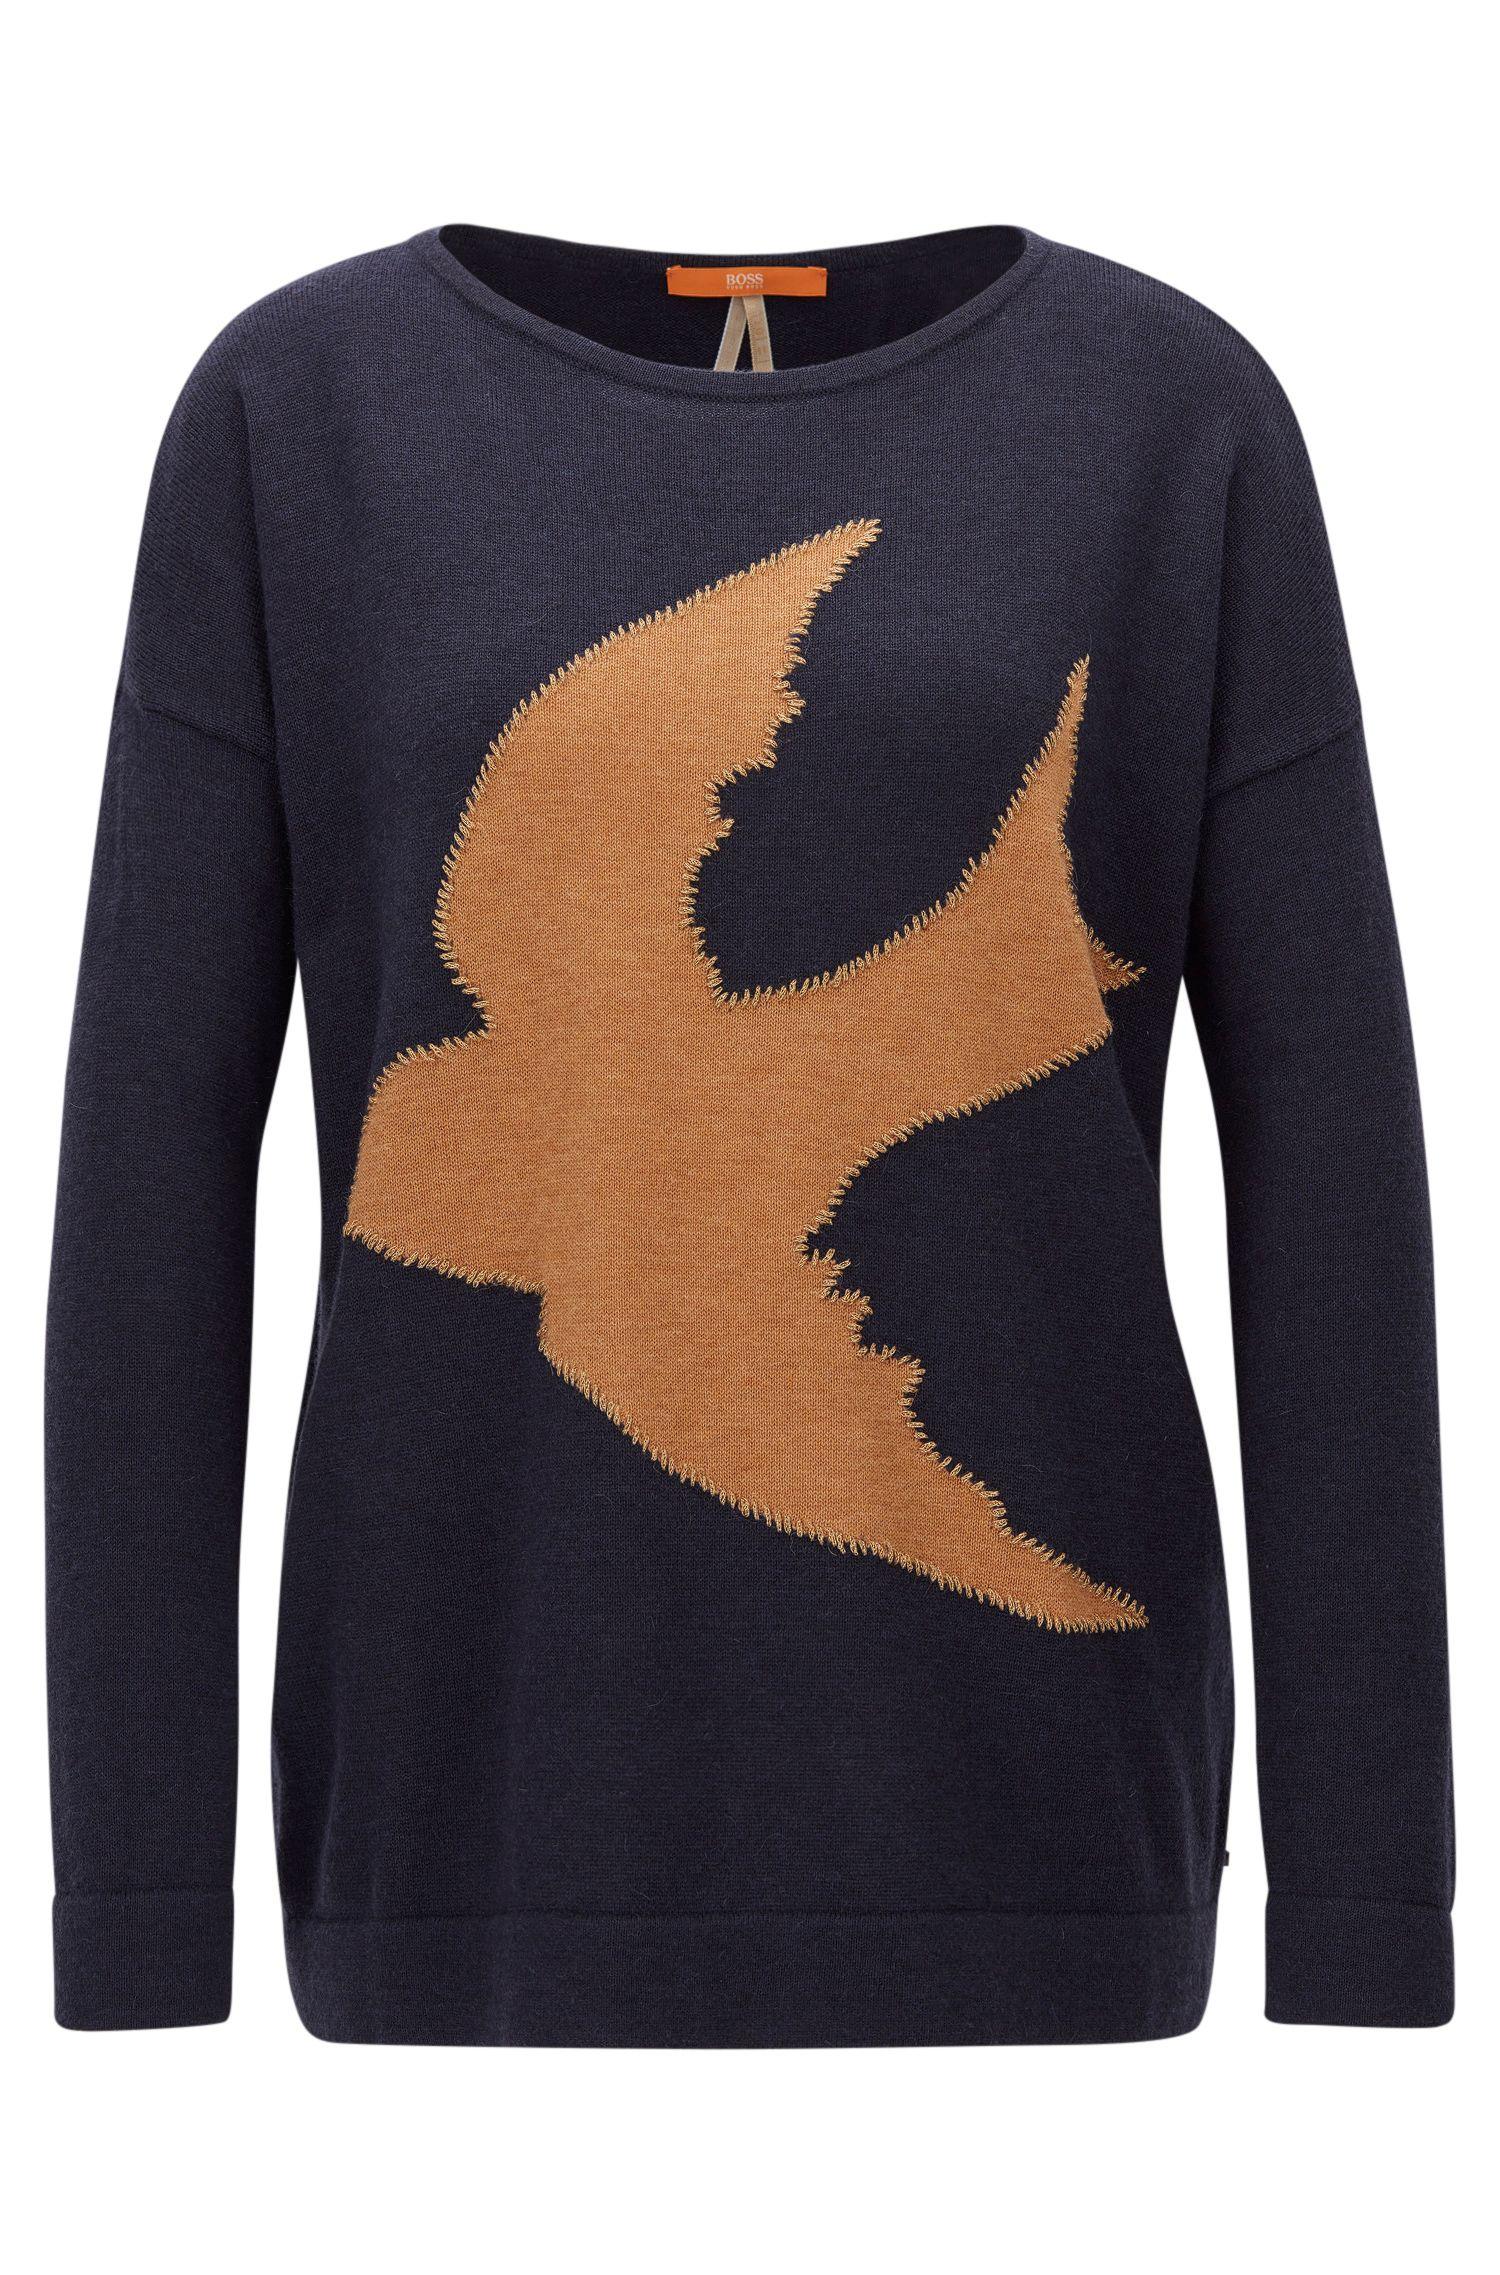 Maglione relaxed fit in jersey con immagine a intarsio di un uccello